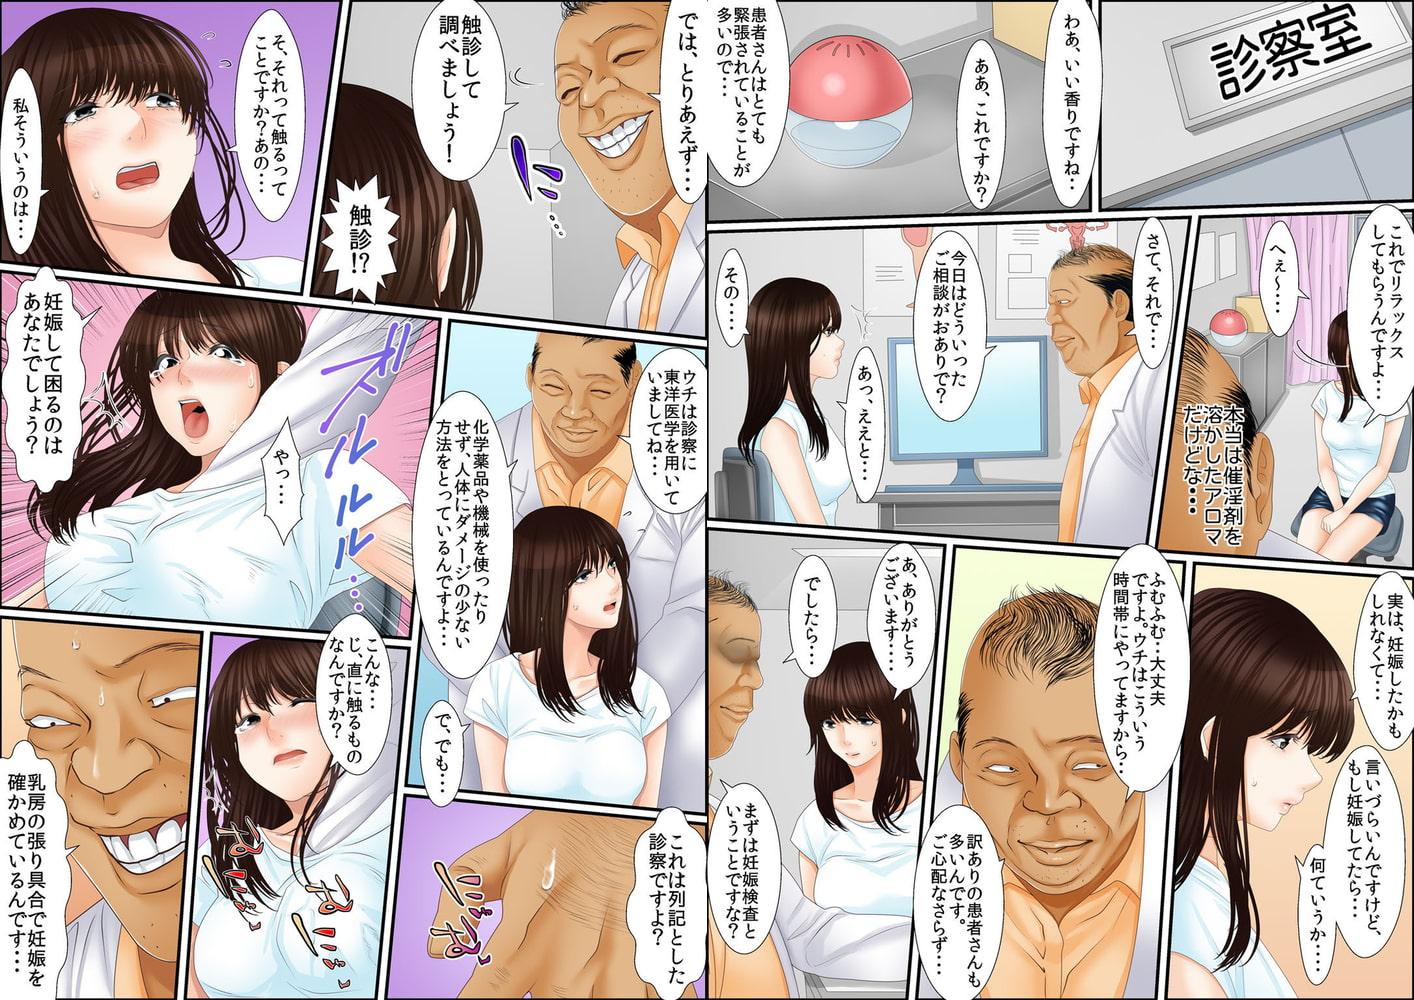 院内妊娠~極太触診棒で奥までぐりぐり~【増量版】